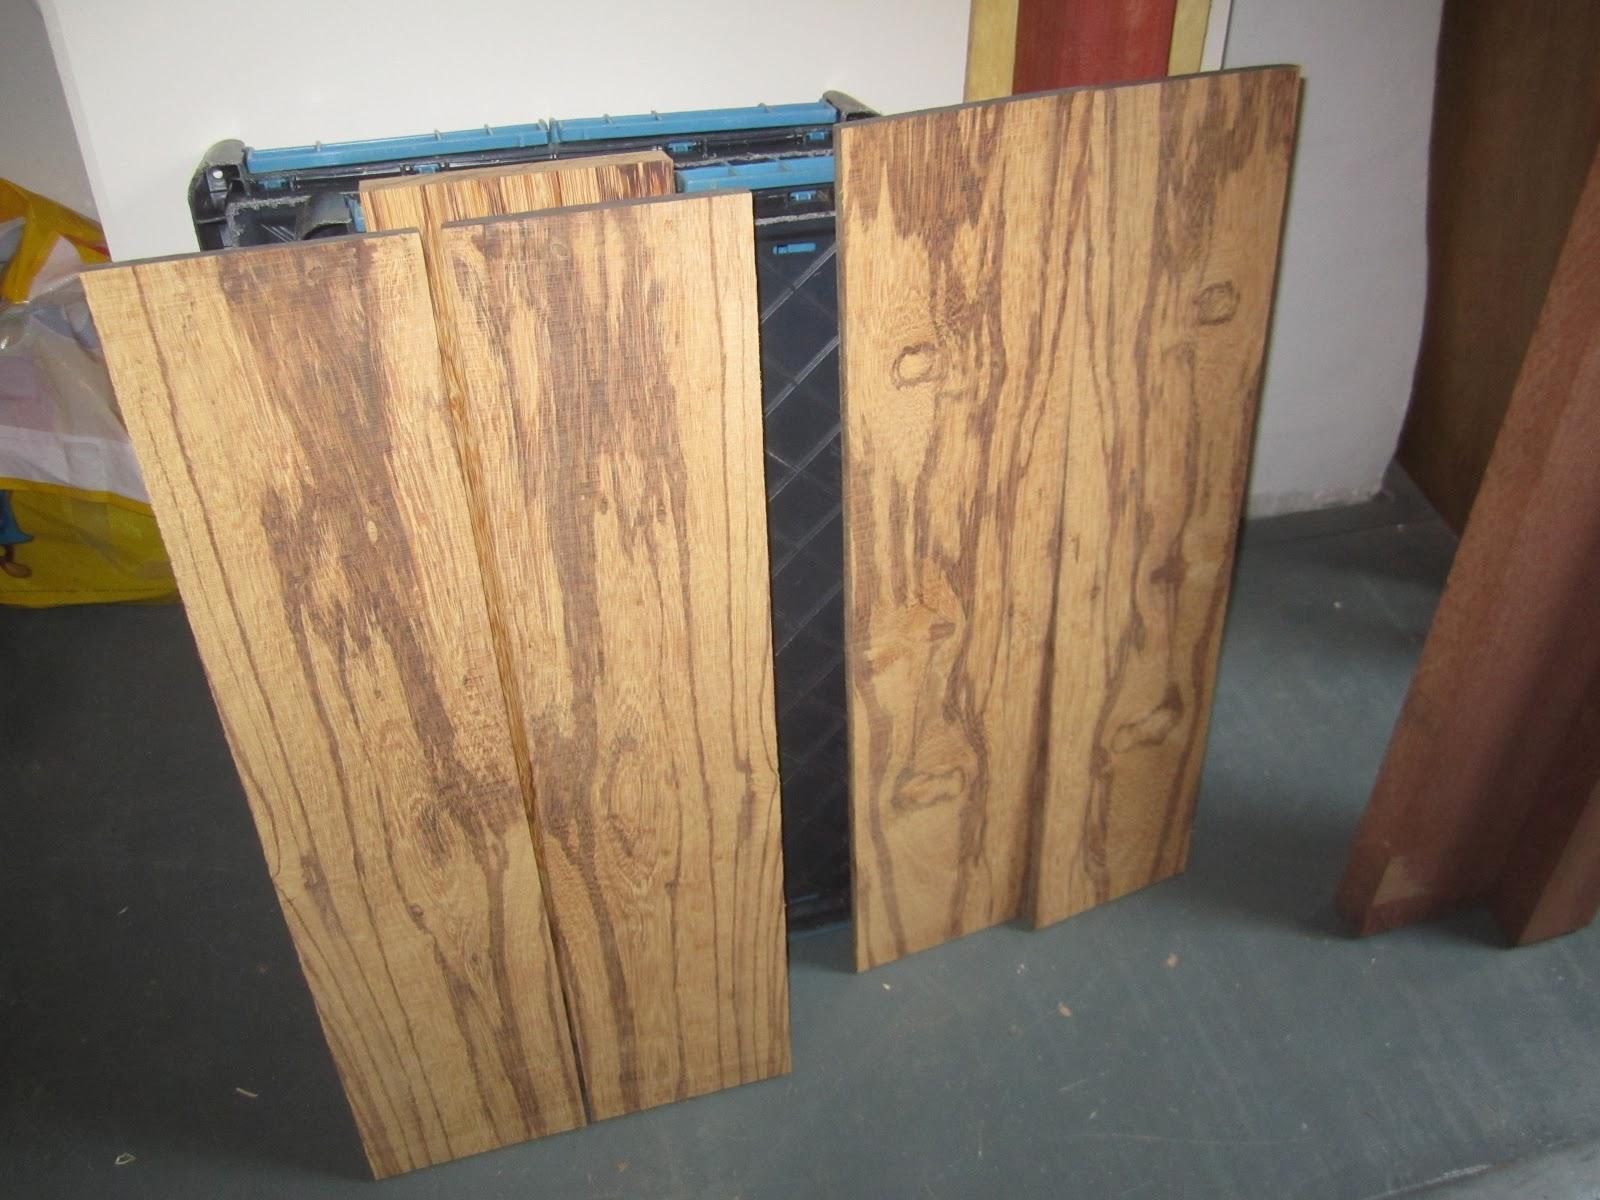 Thewoodworkersattic mooi hout - Stukken outs ...